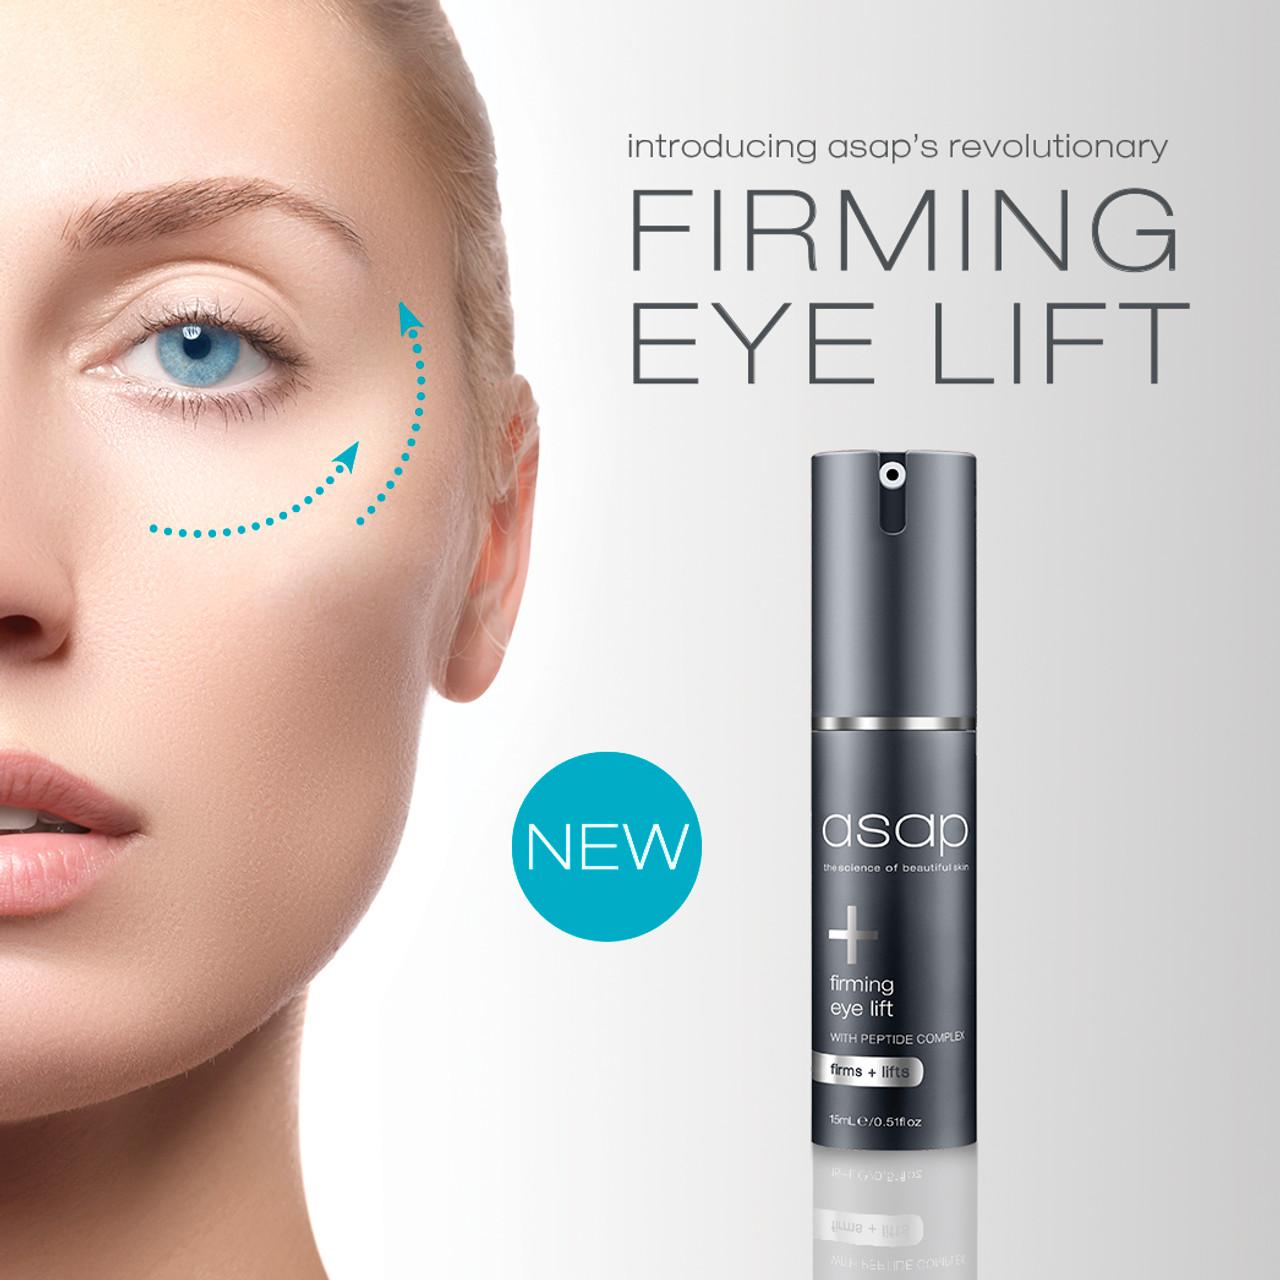 asap launches NEW Firming Eye Lift